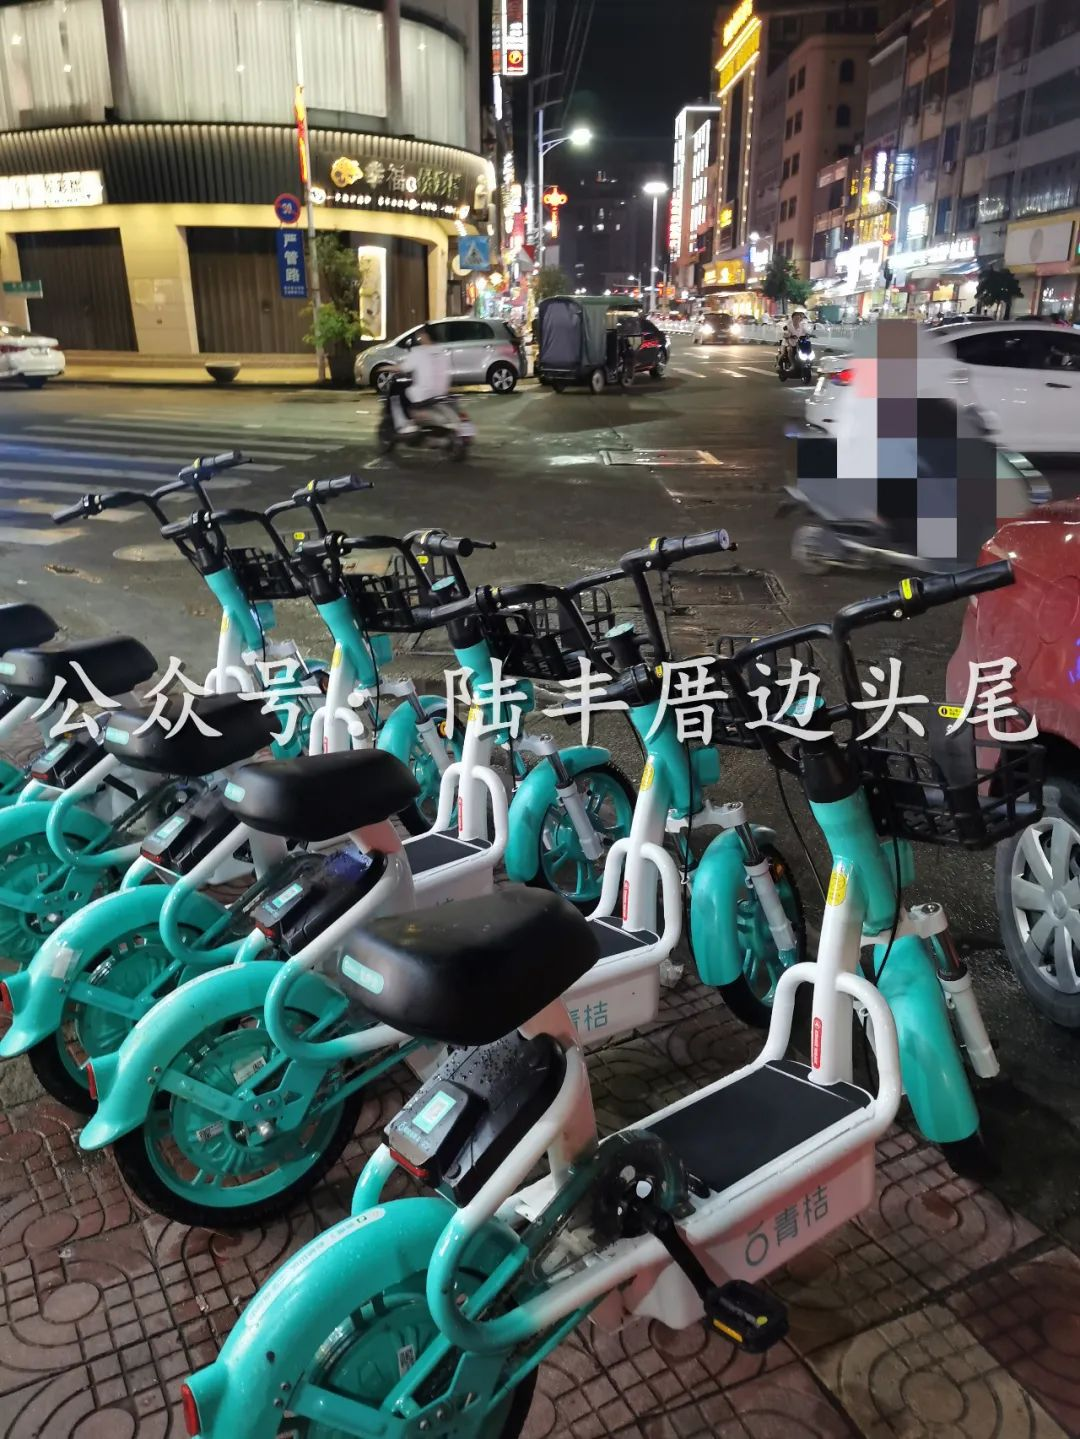 陆丰第一批共享电单车落地 陆丰 第3张